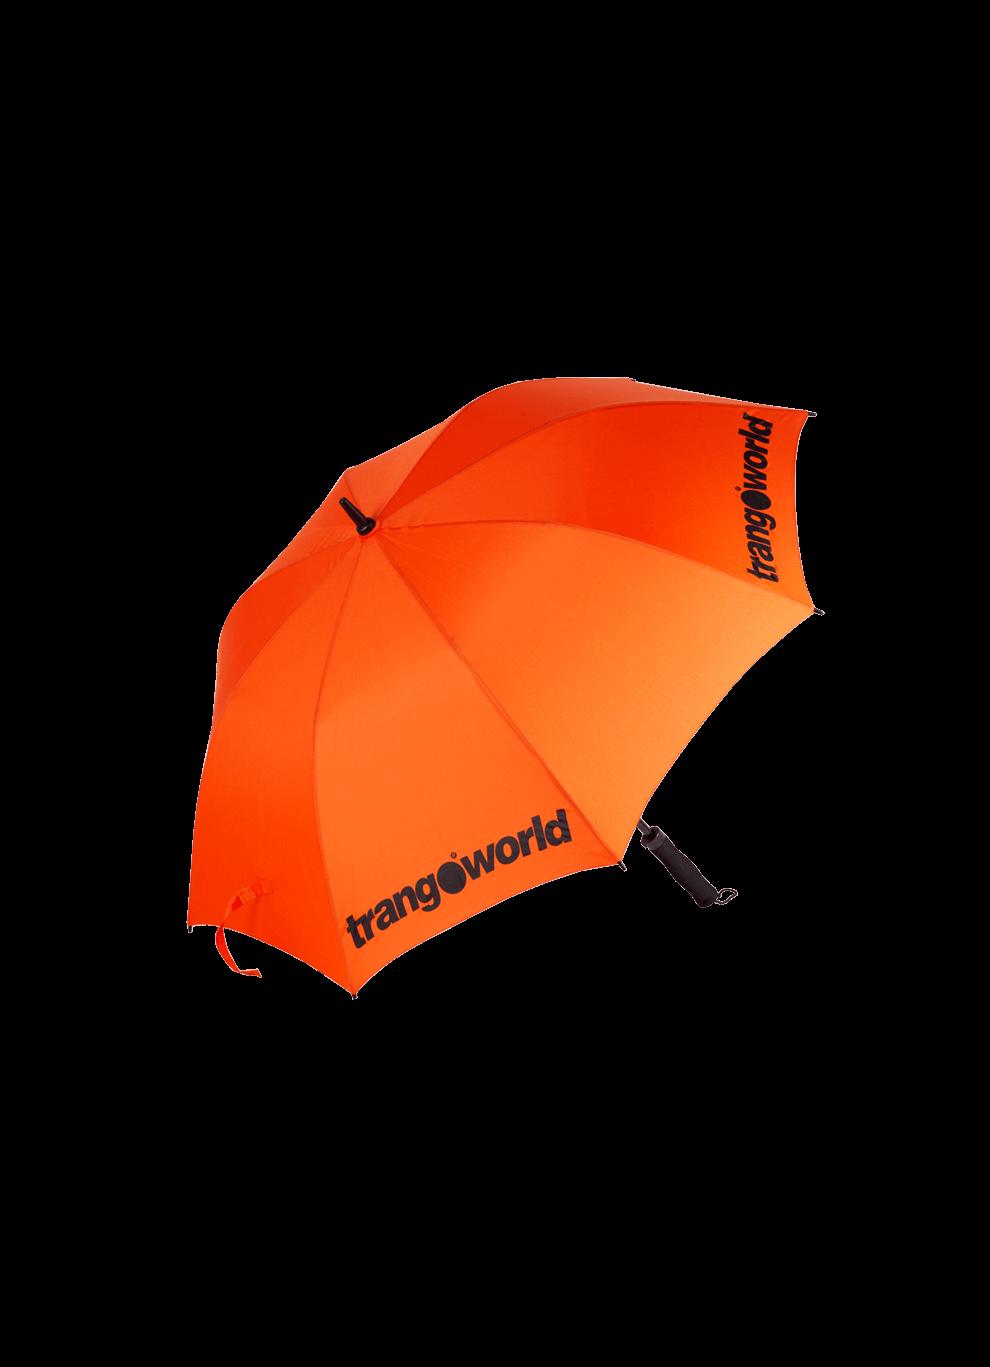 Trangoworld Paraguas Storm naranja/negro